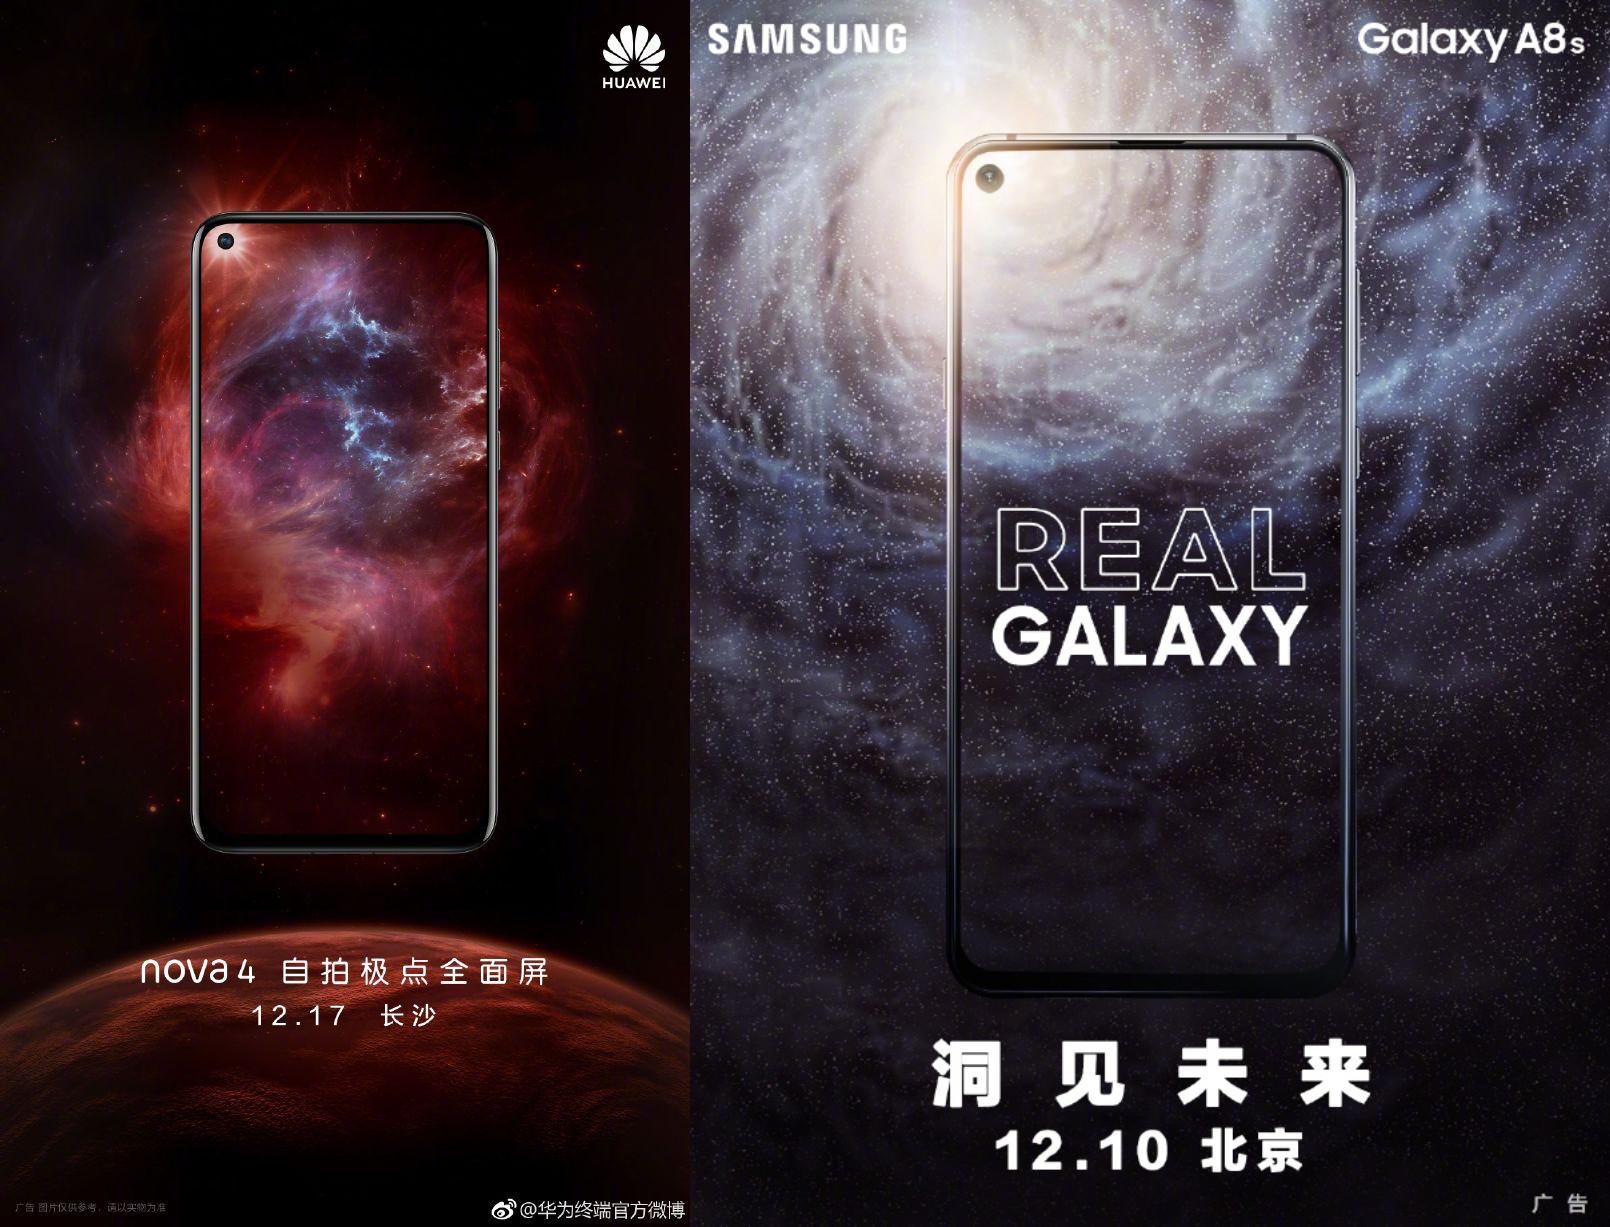 22374456149 Det är med andra ord uppenbart att åtminstone Kina kommer att få se två  lanseringar av nya mobiler med en ny typ av skärmdesign. Eftersom mobilerna  inte har ...